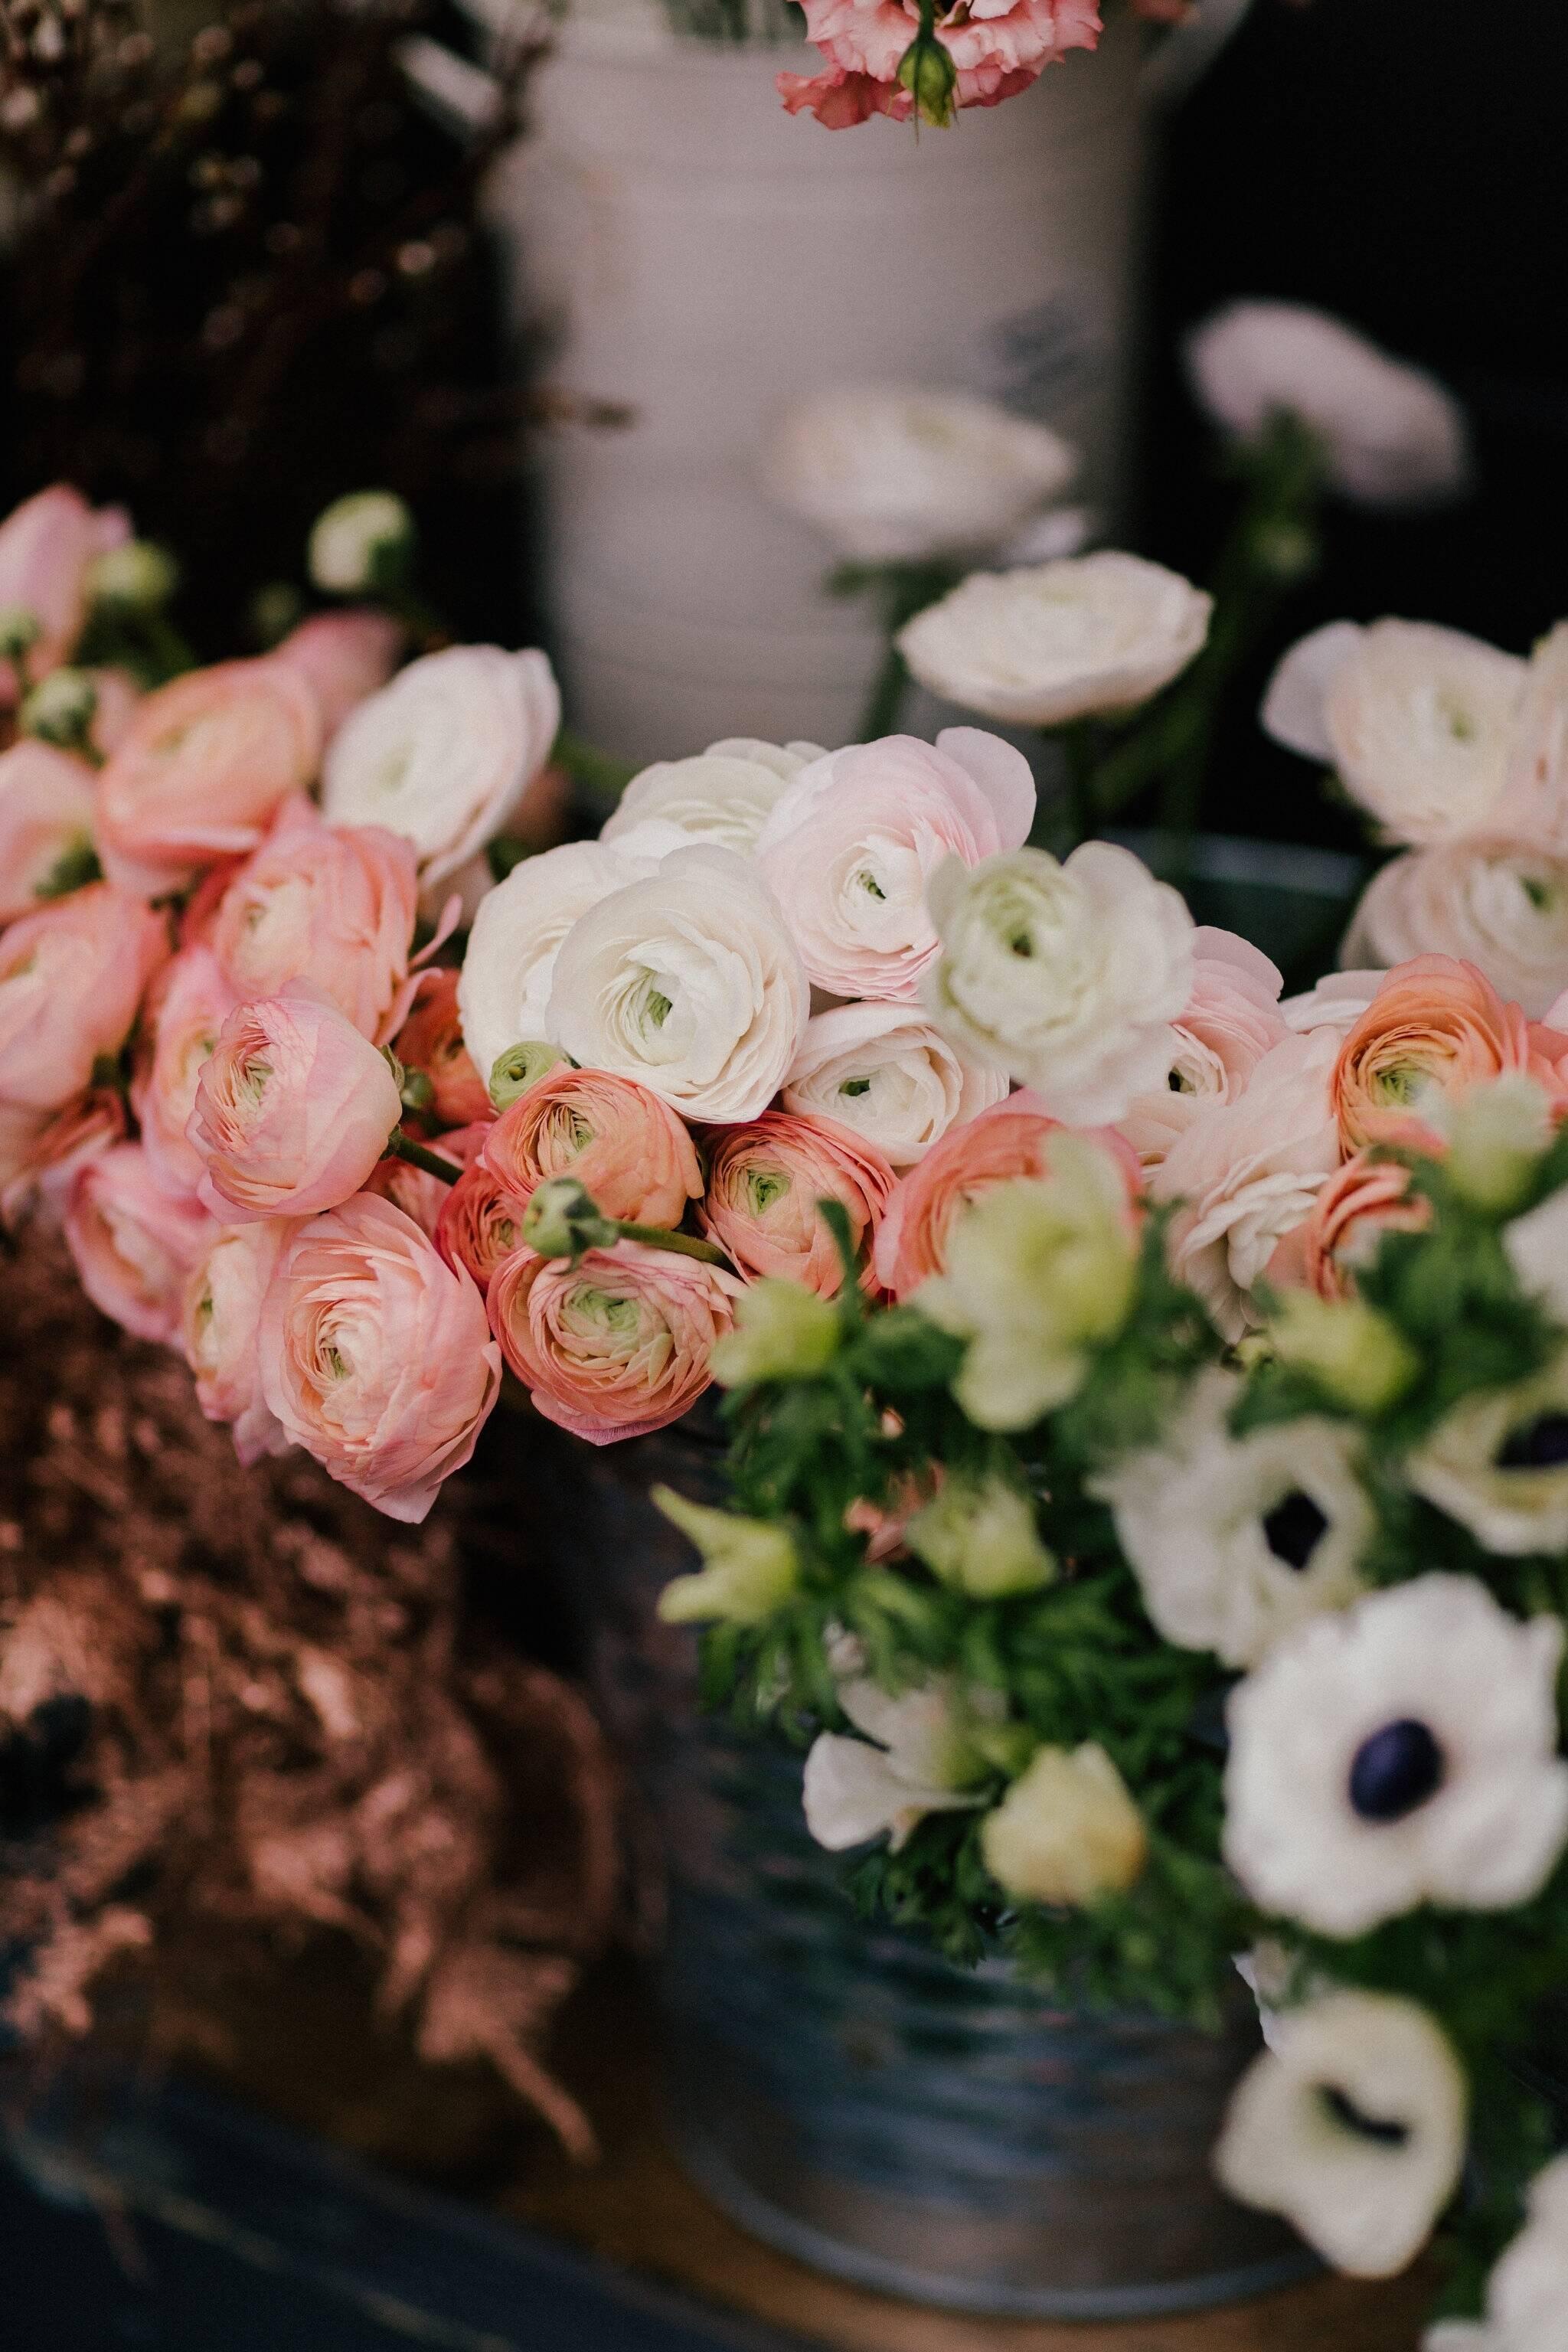 Toronto flower market valentines day pop up izmirmasajfo